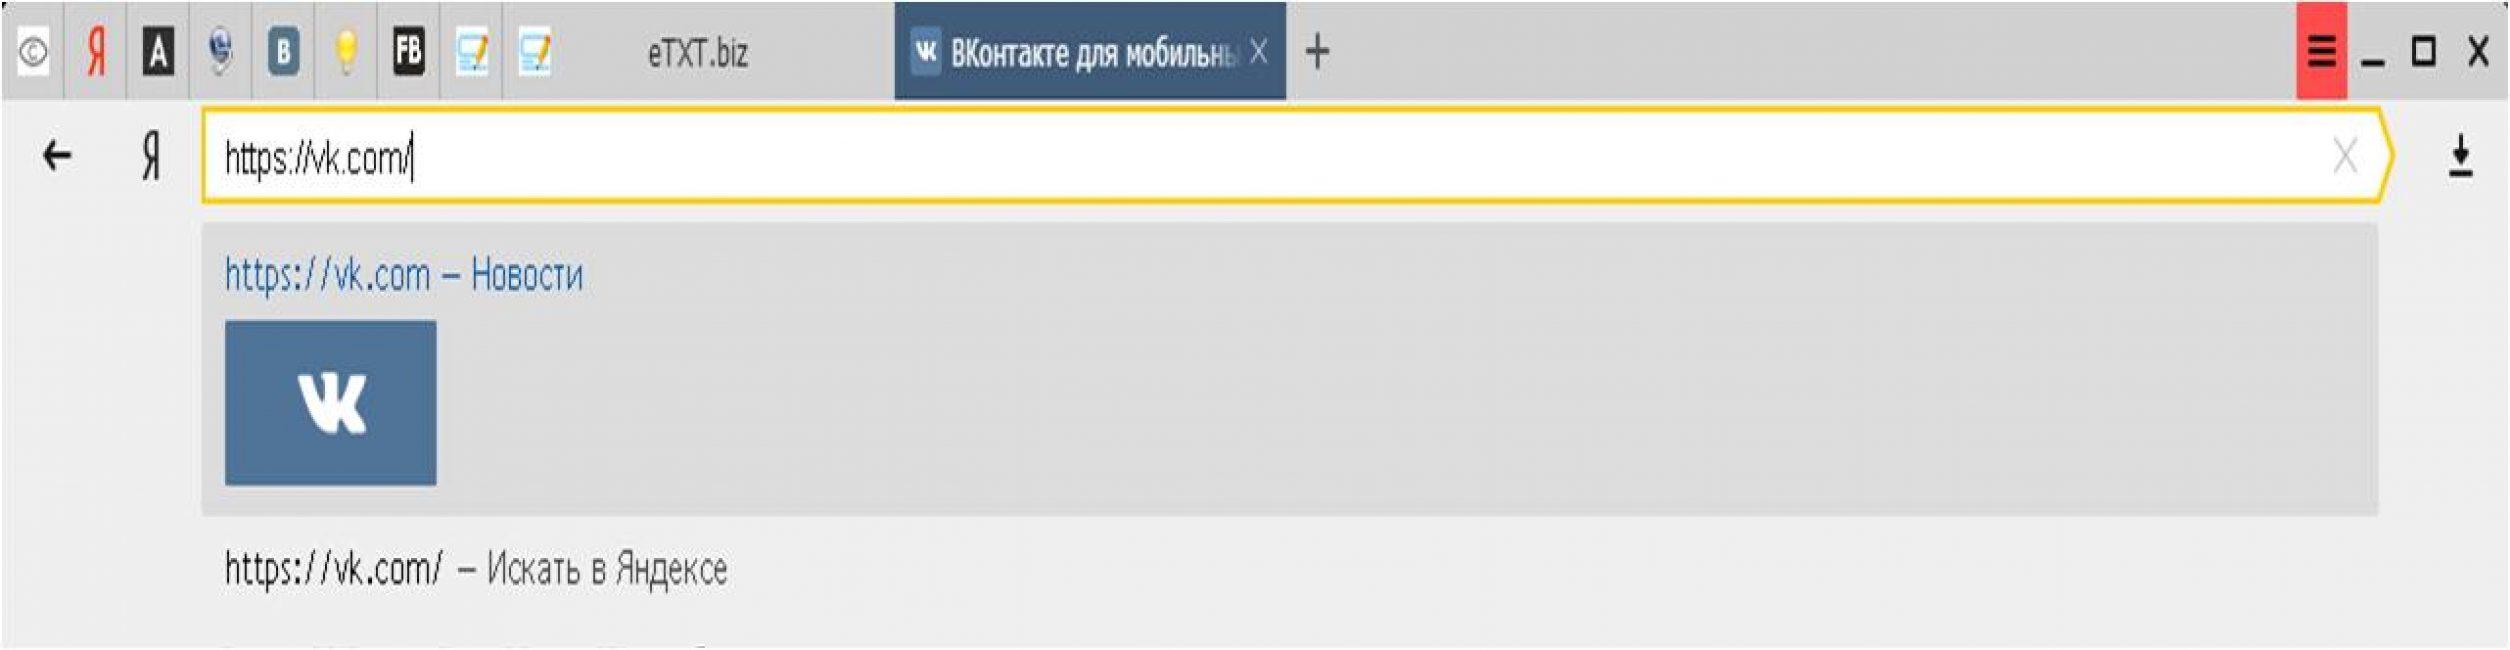 Адрес популярной социальной сети ВКонтакте